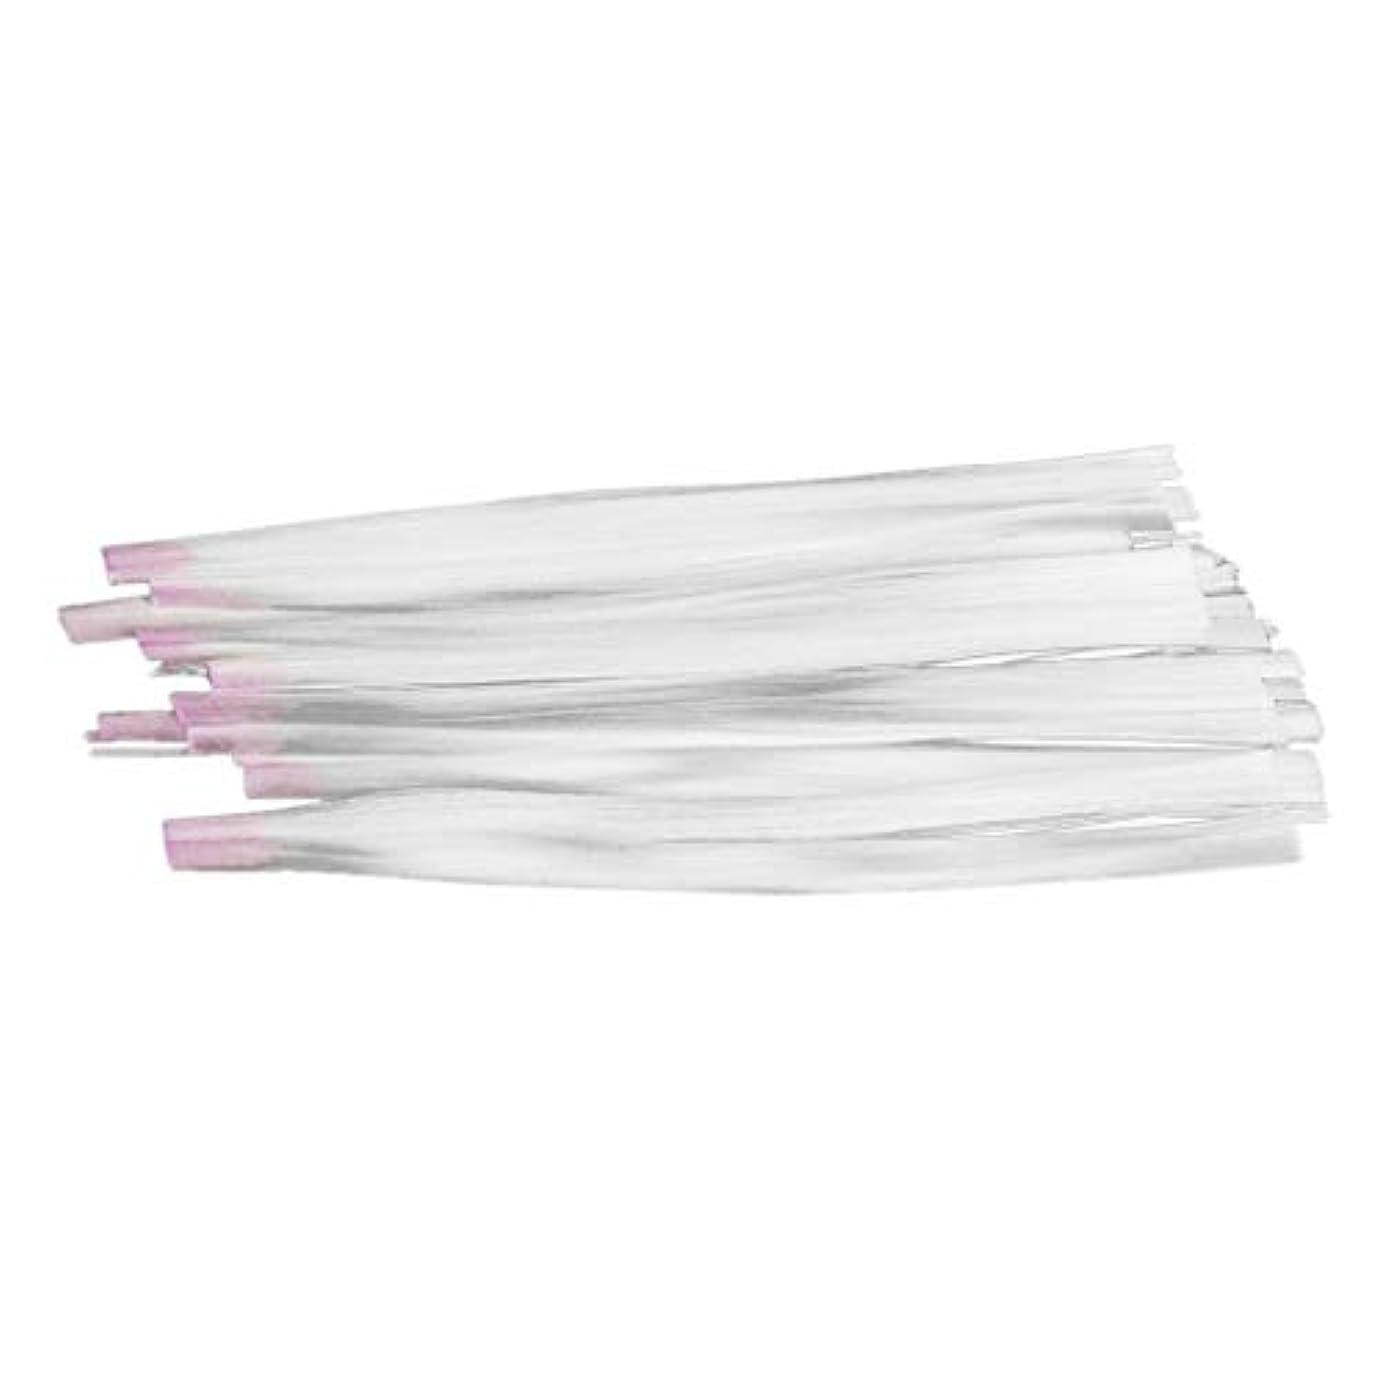 収束するチーズアウターT TOOYFUL ネイル延長繊維 ファイバーグラス ネイルエクステンション グラスファイバー ガラス繊維 ネイル道具